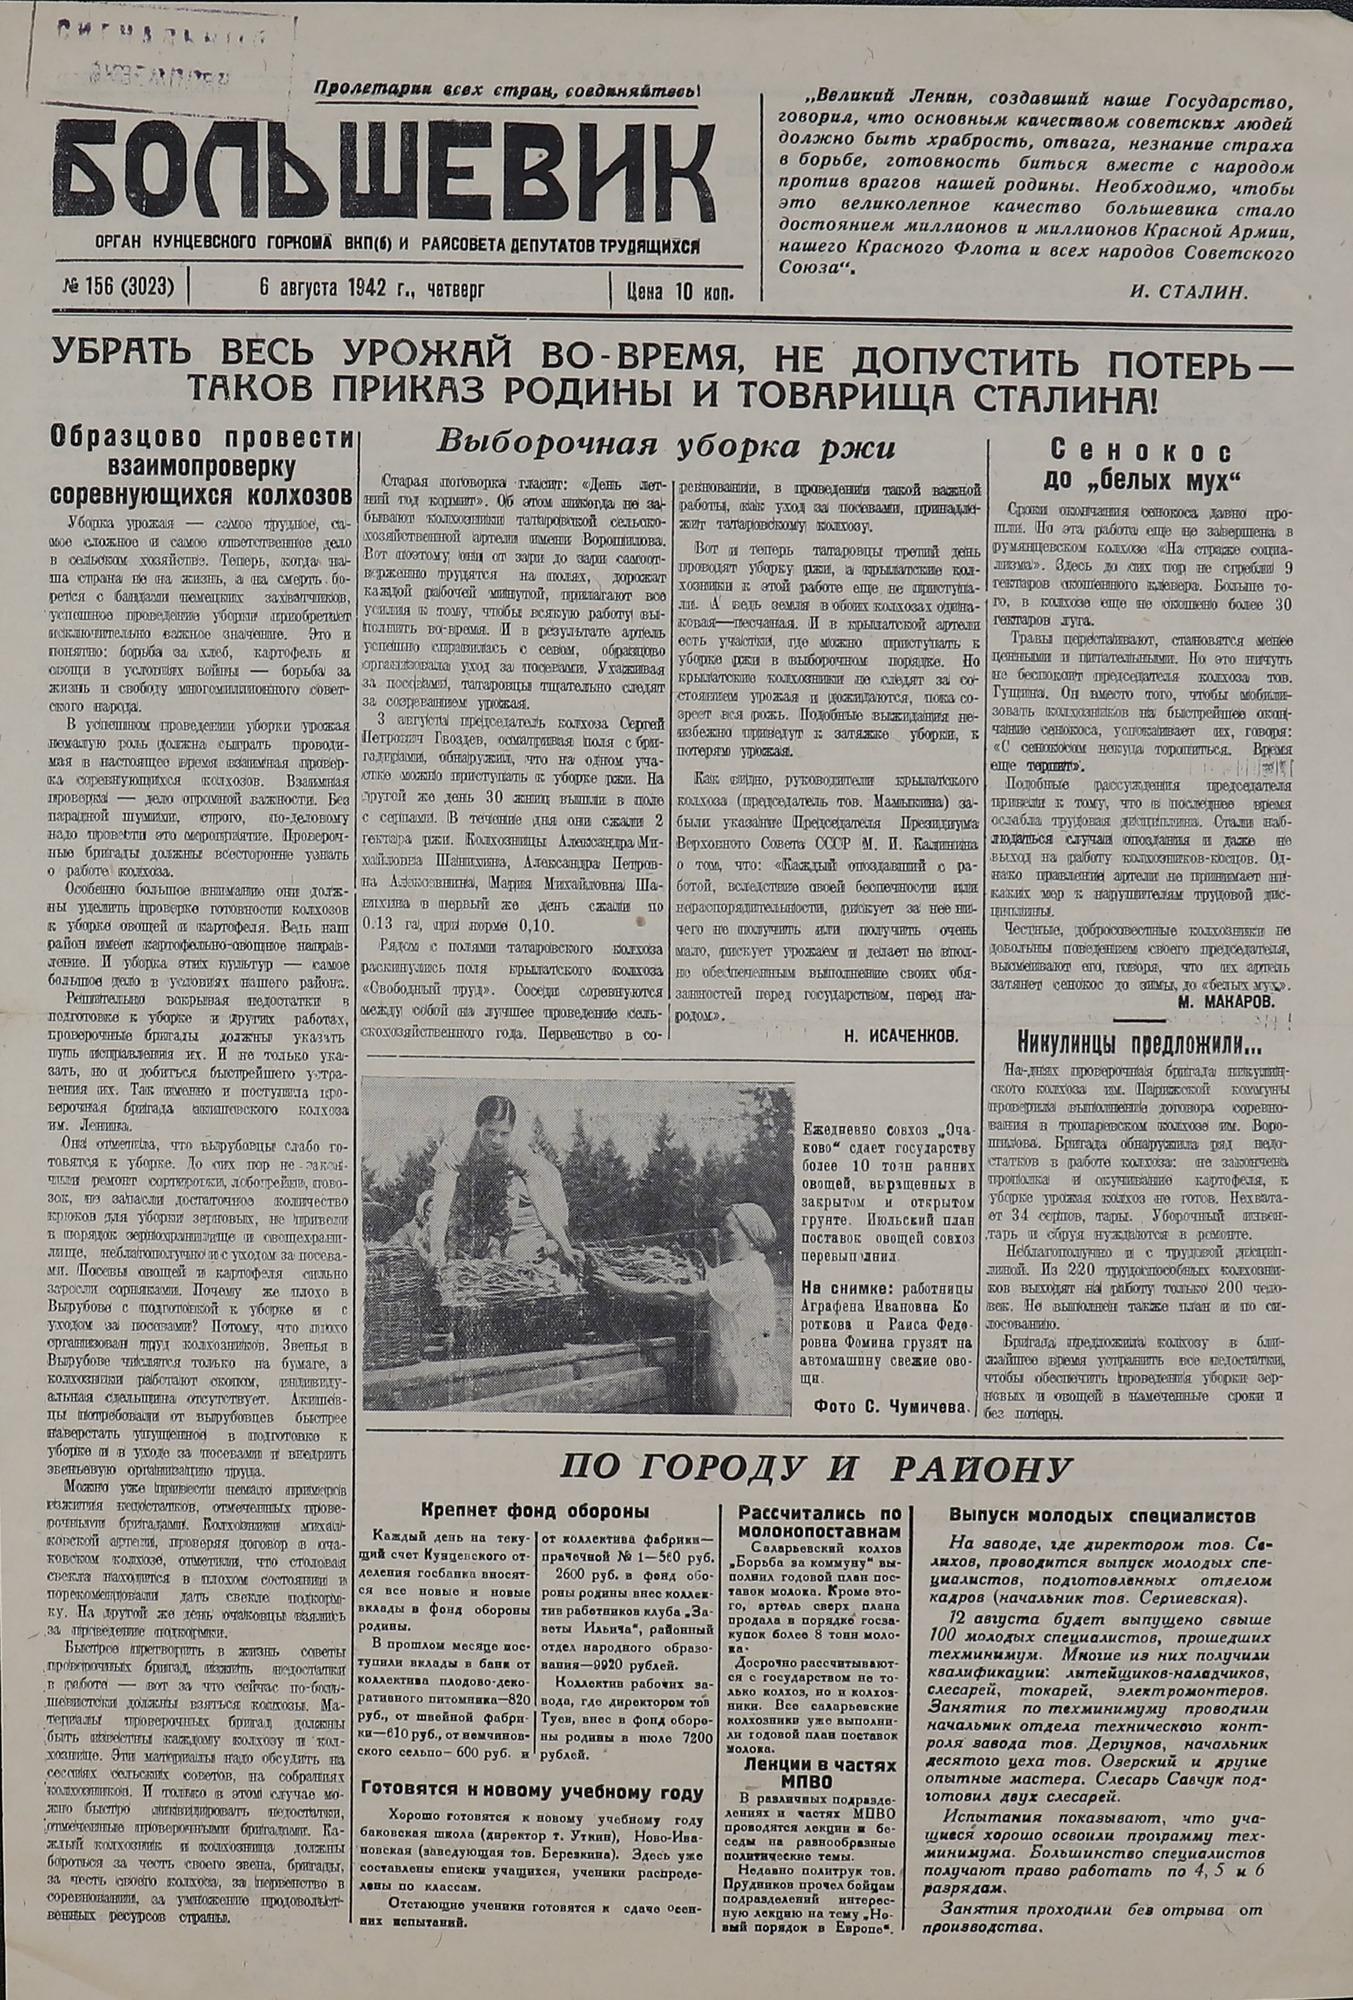 Газета. Большевик. N 156 (3023) от 6 августа 1942 года. Орган Кунцевского ГК ВКП (б) и др.